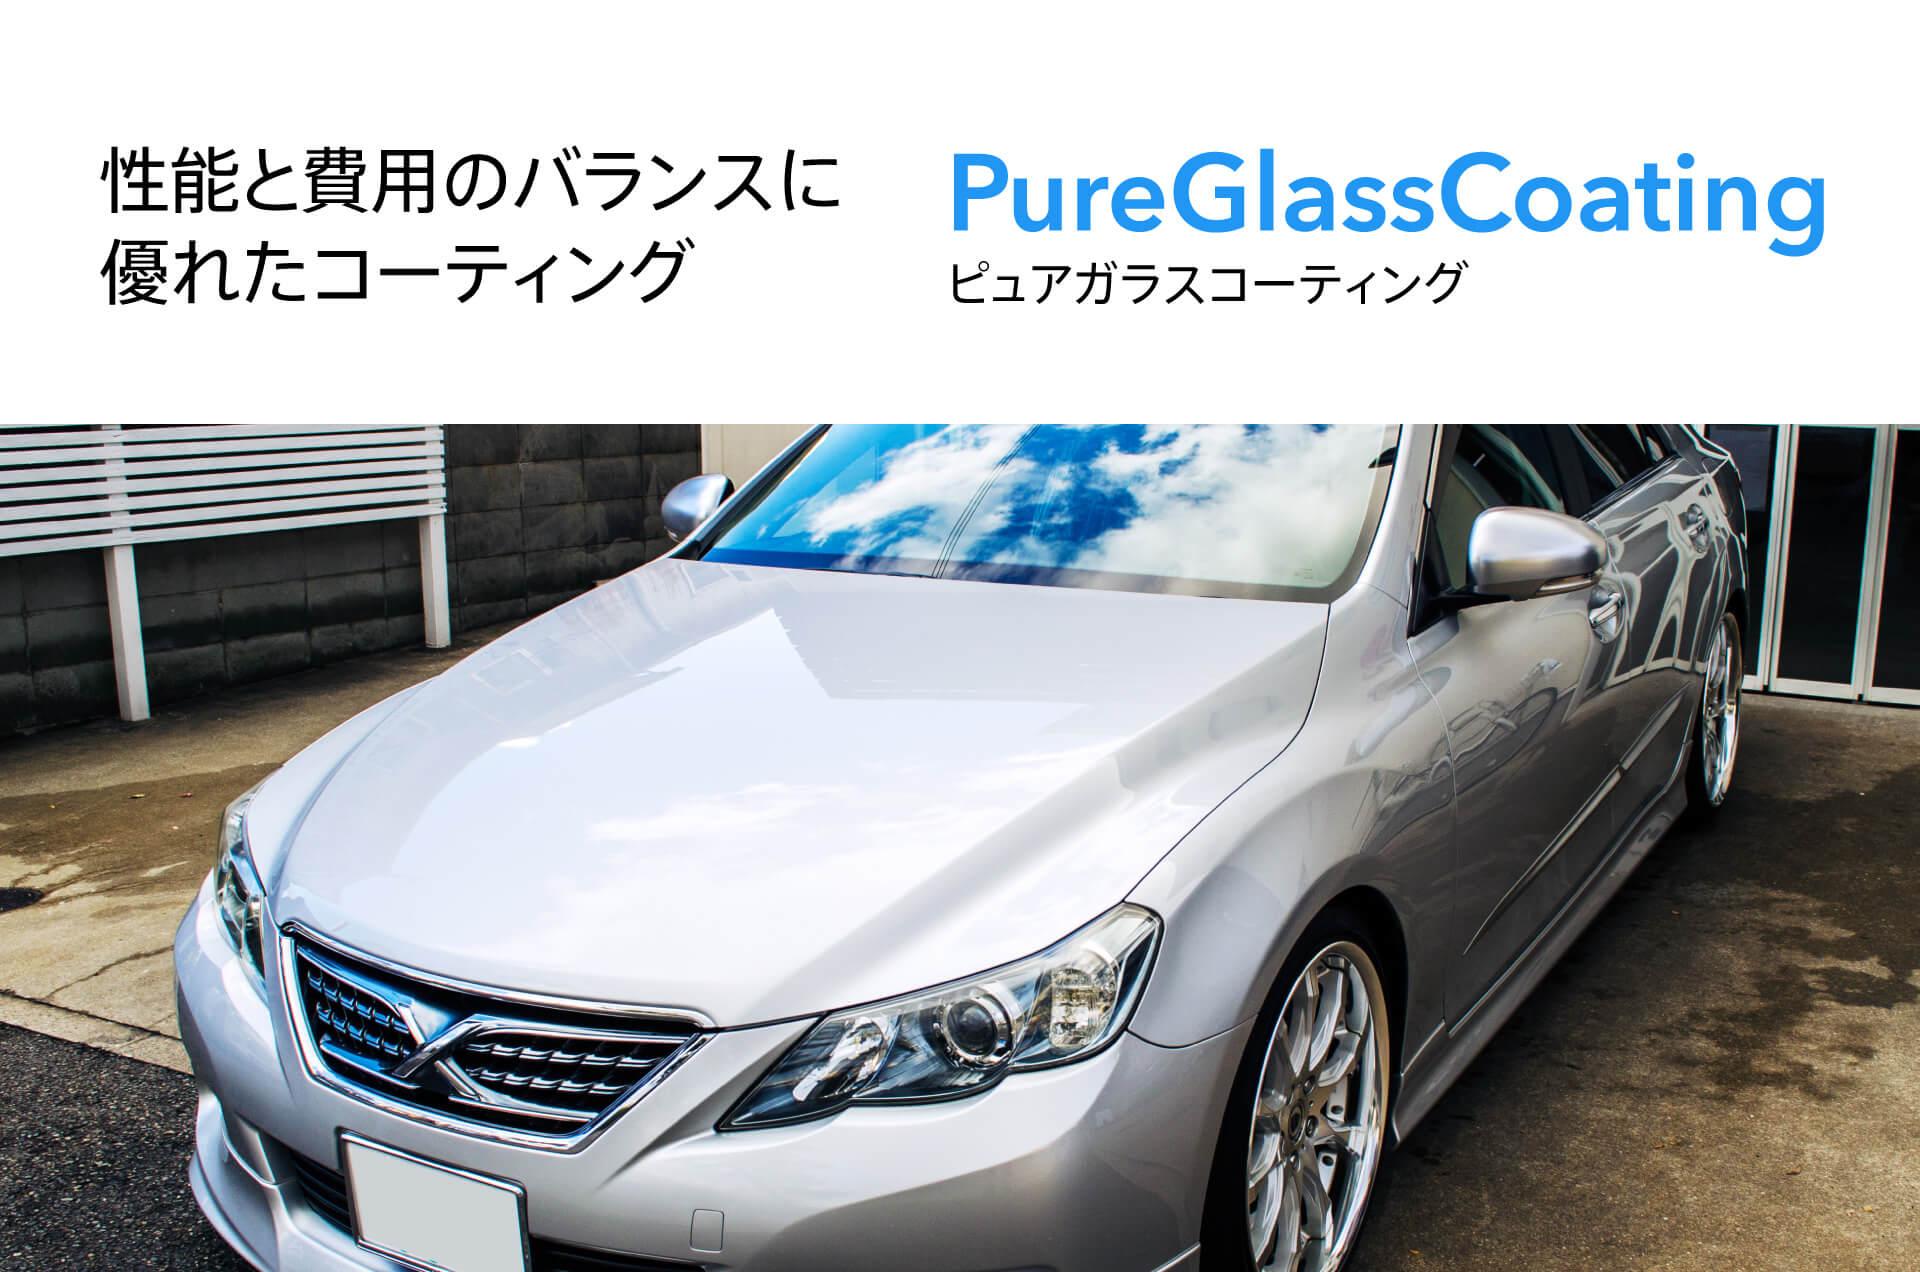 性能と価格のバランスに優れたピュアガラスコーティング